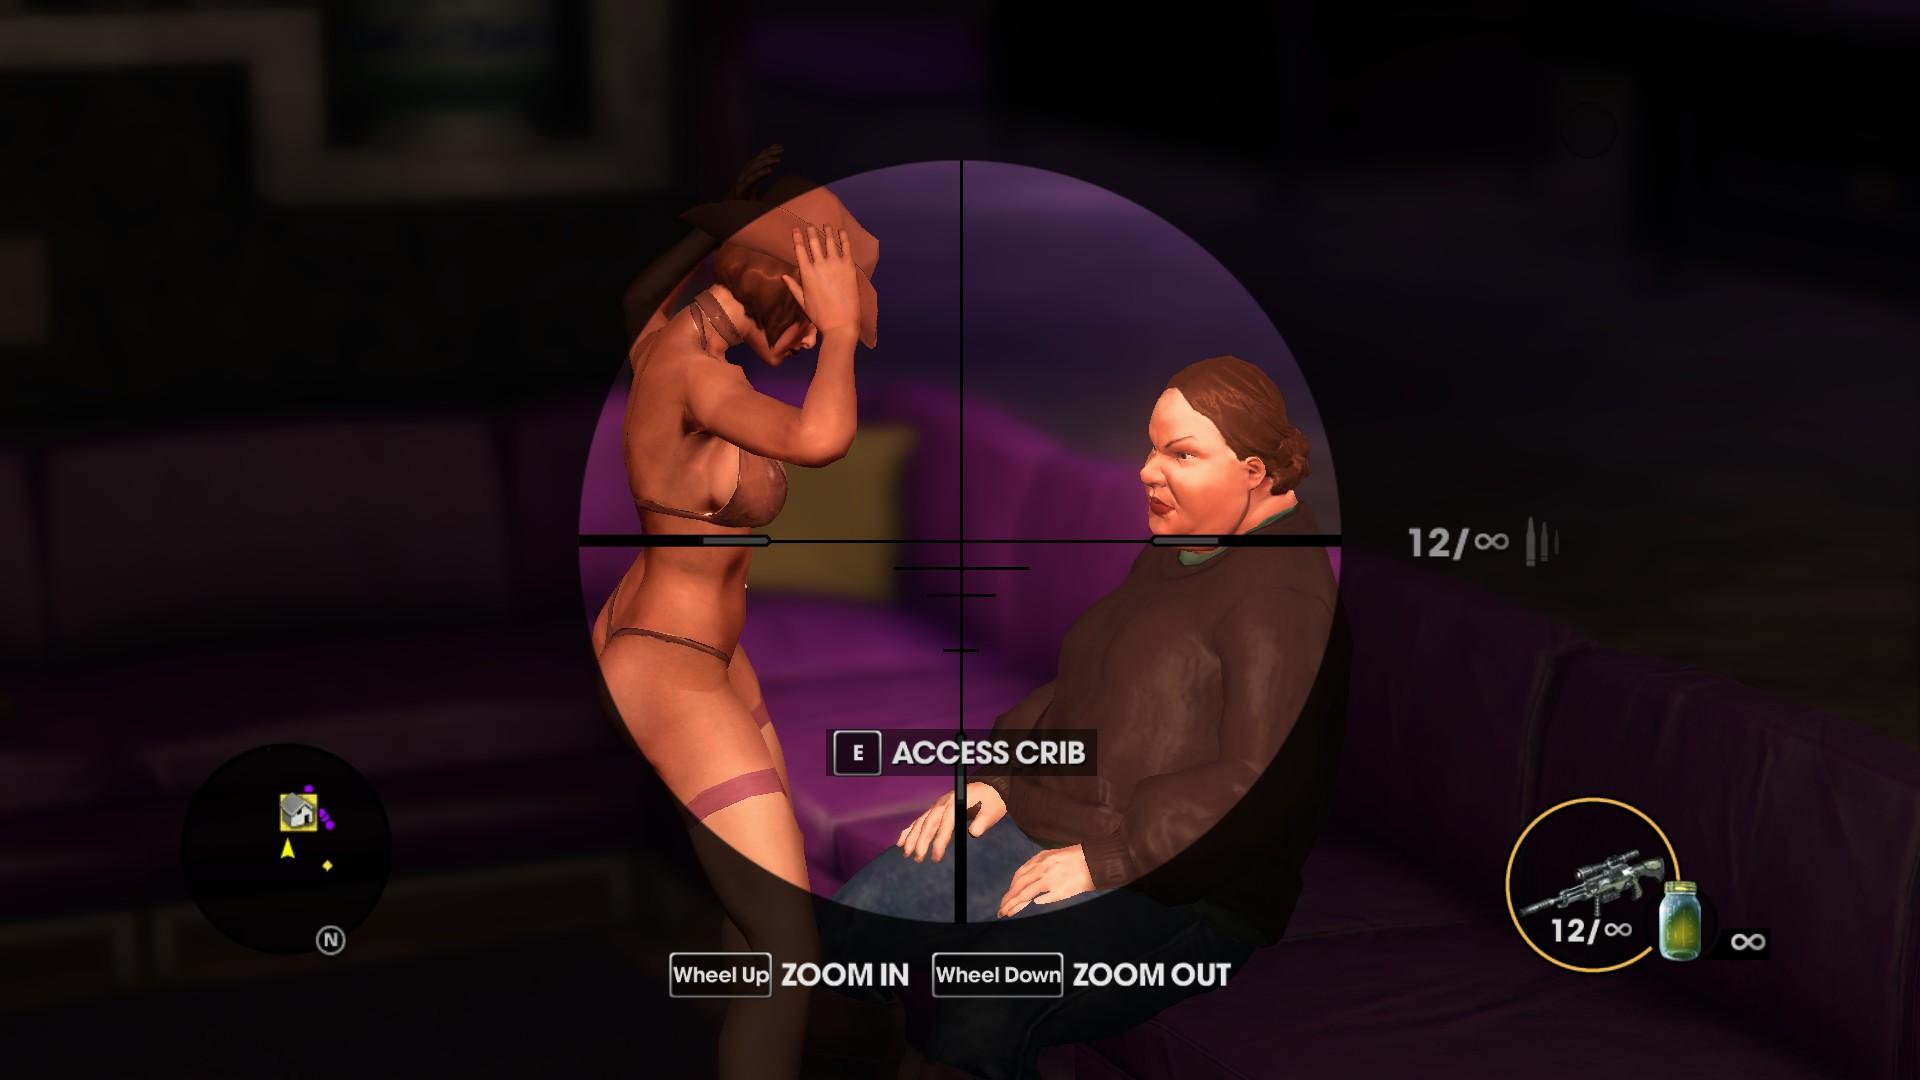 Stripper lap dance game